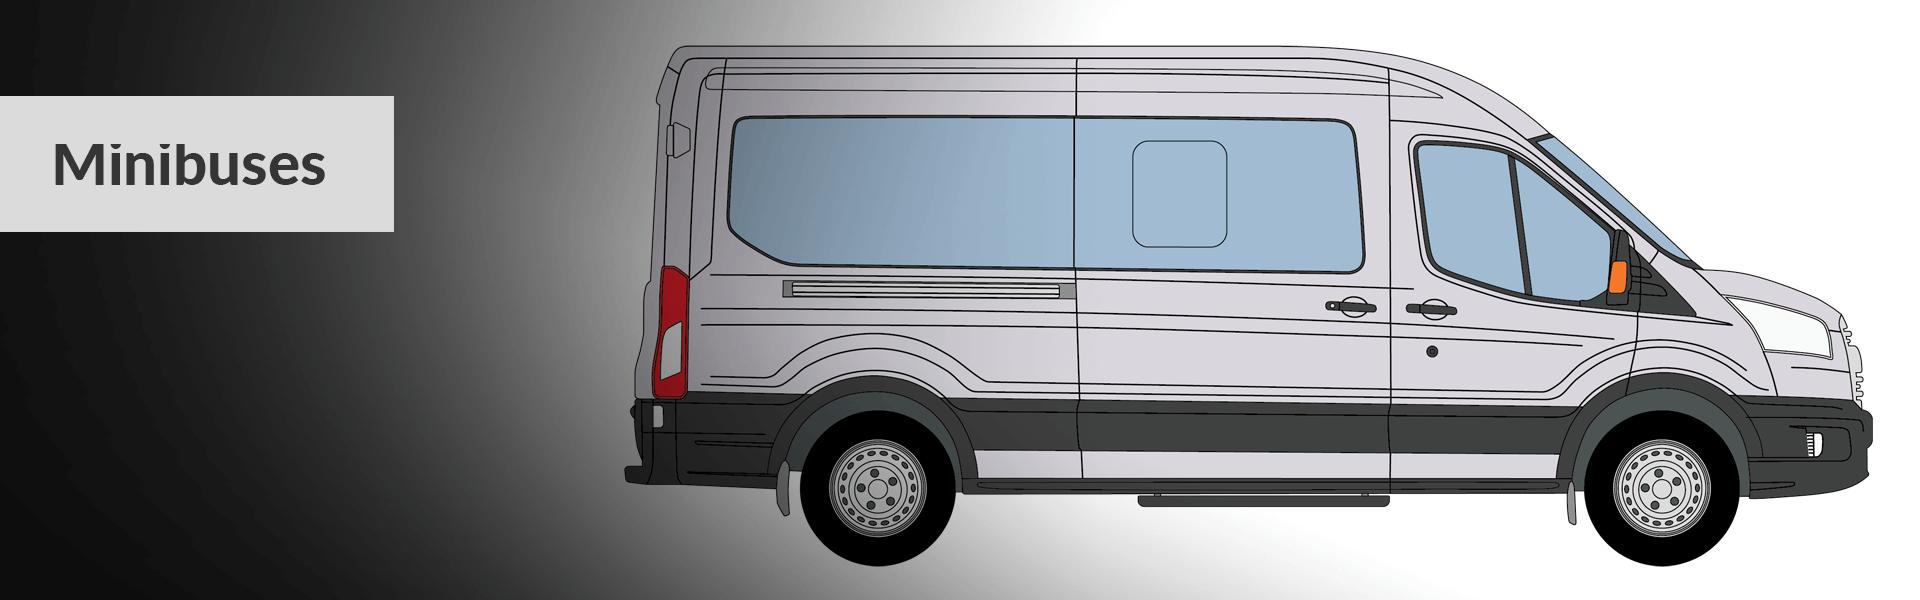 Minibus Desktop